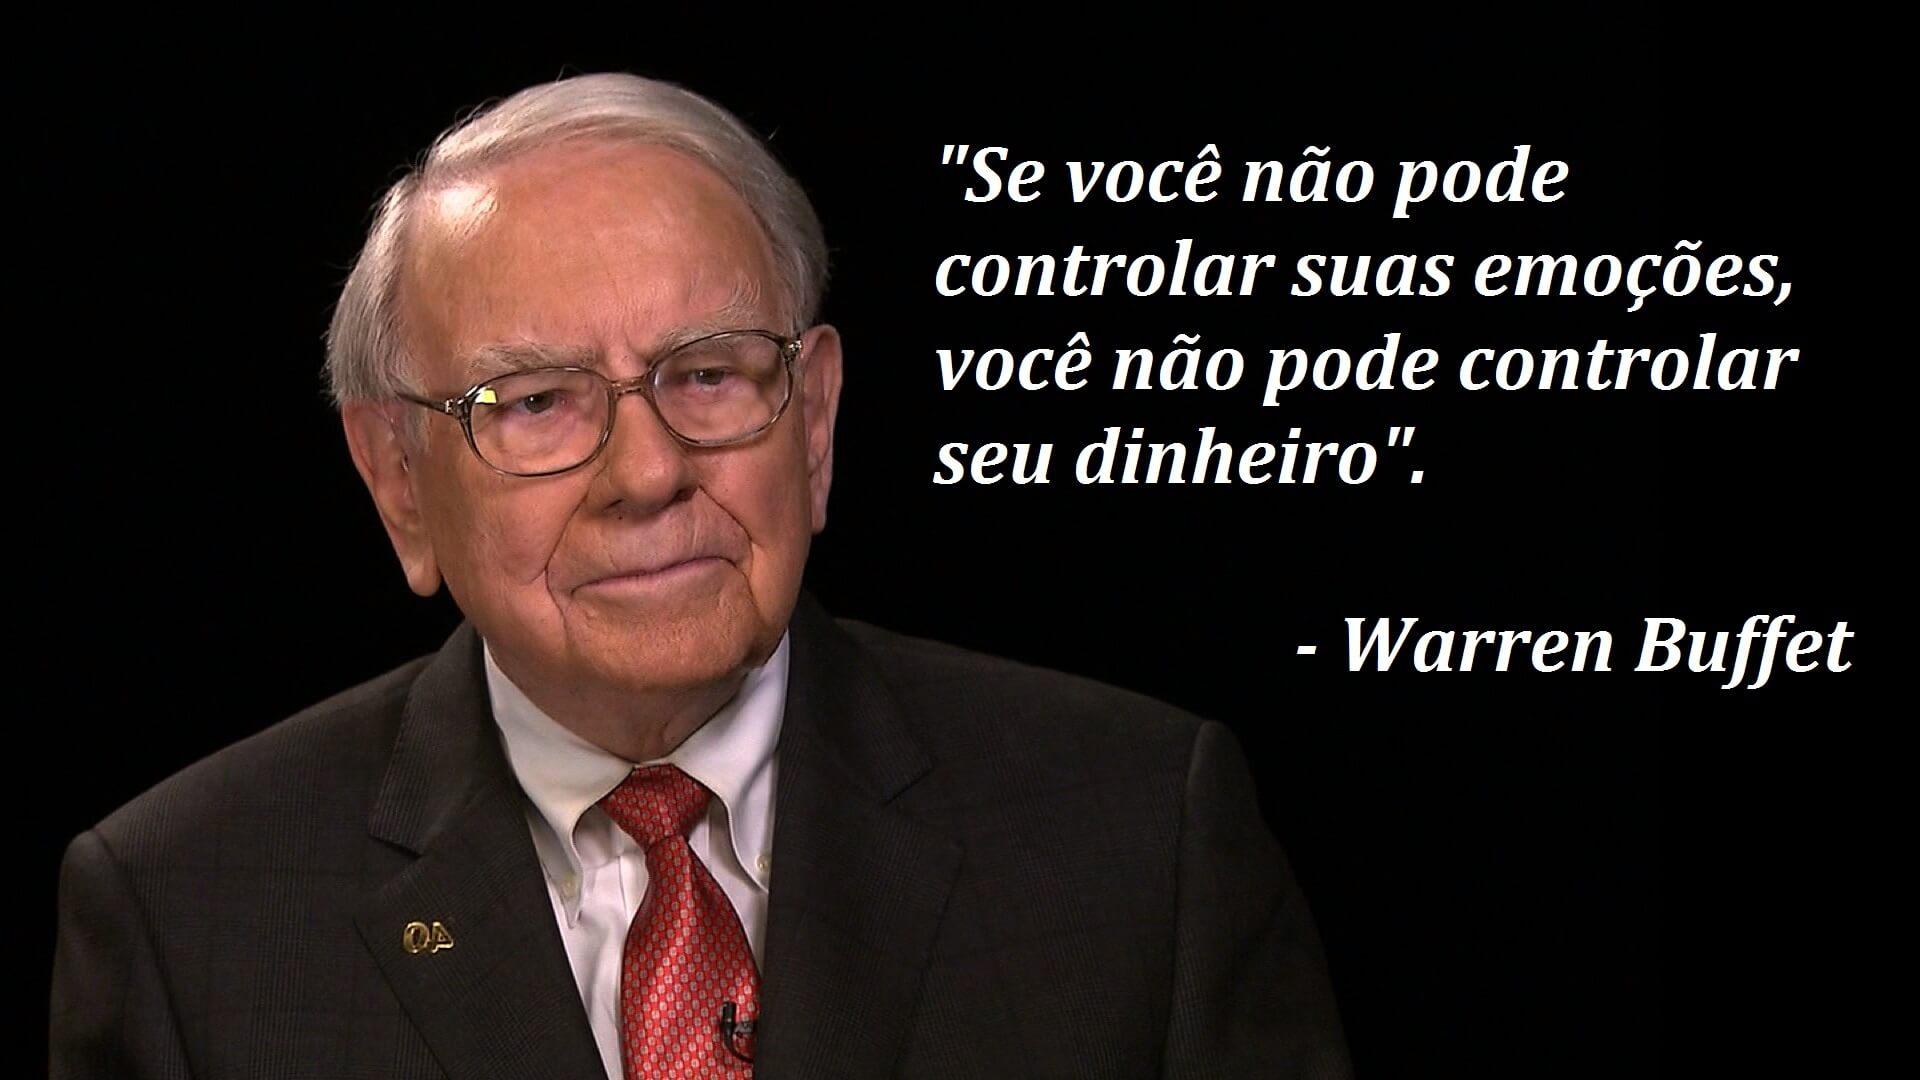 20 Frases De Warren Buffett Sobre o Sucesso Que Vão Te Motivar a Nunca Desistir